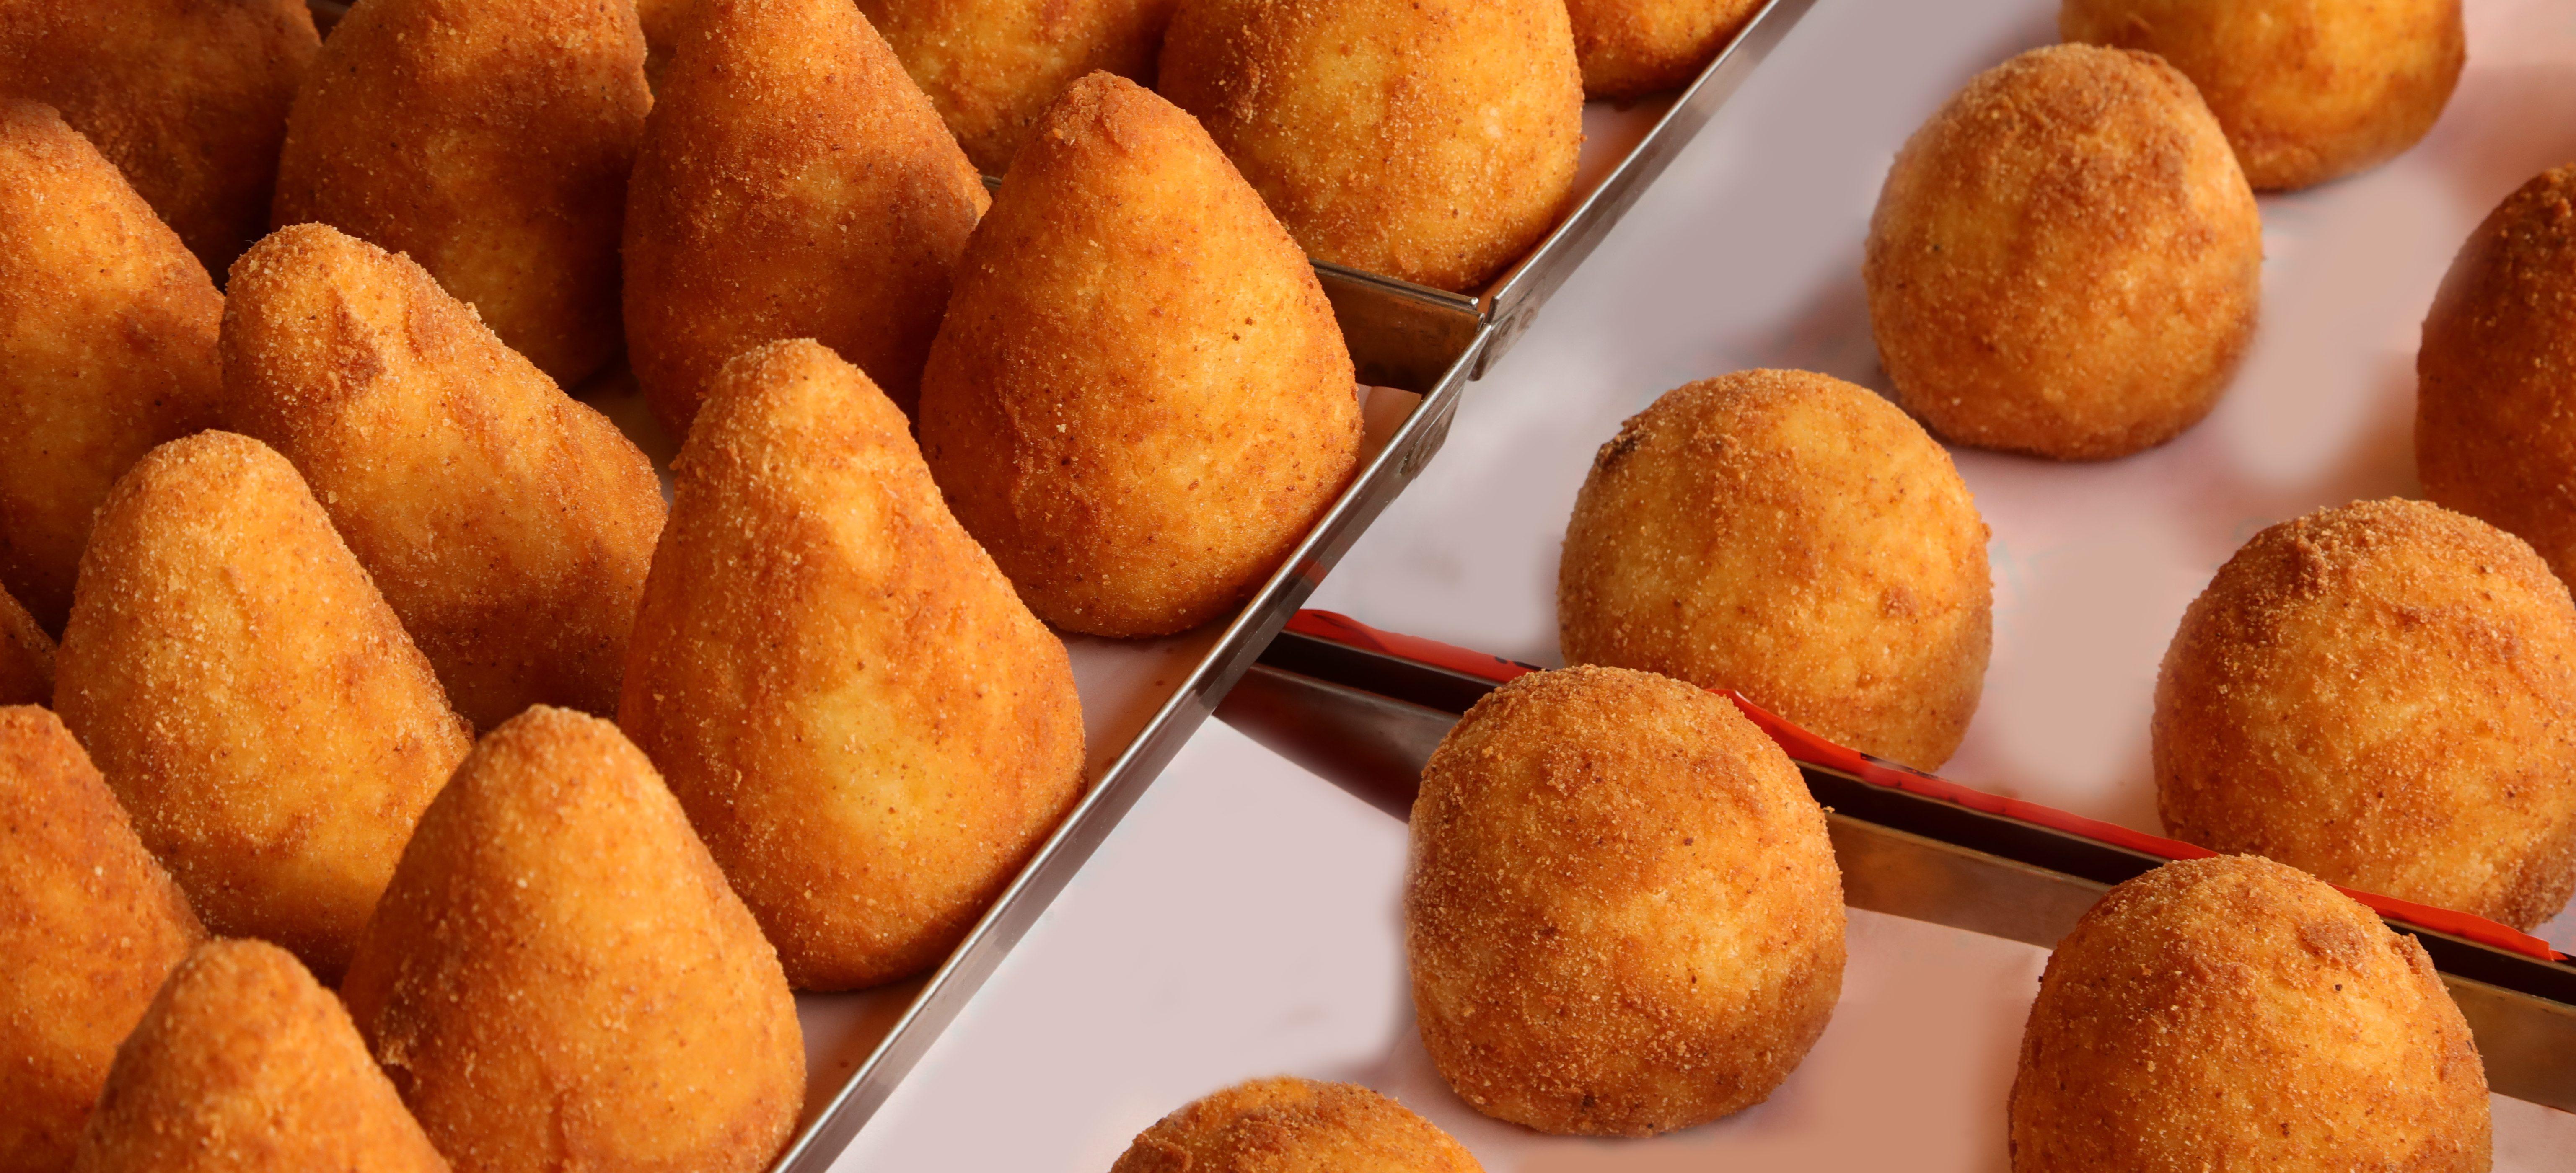 Lo street food dell'estate è l'arancino siciliano: battuta in finale la pizza portafoglio